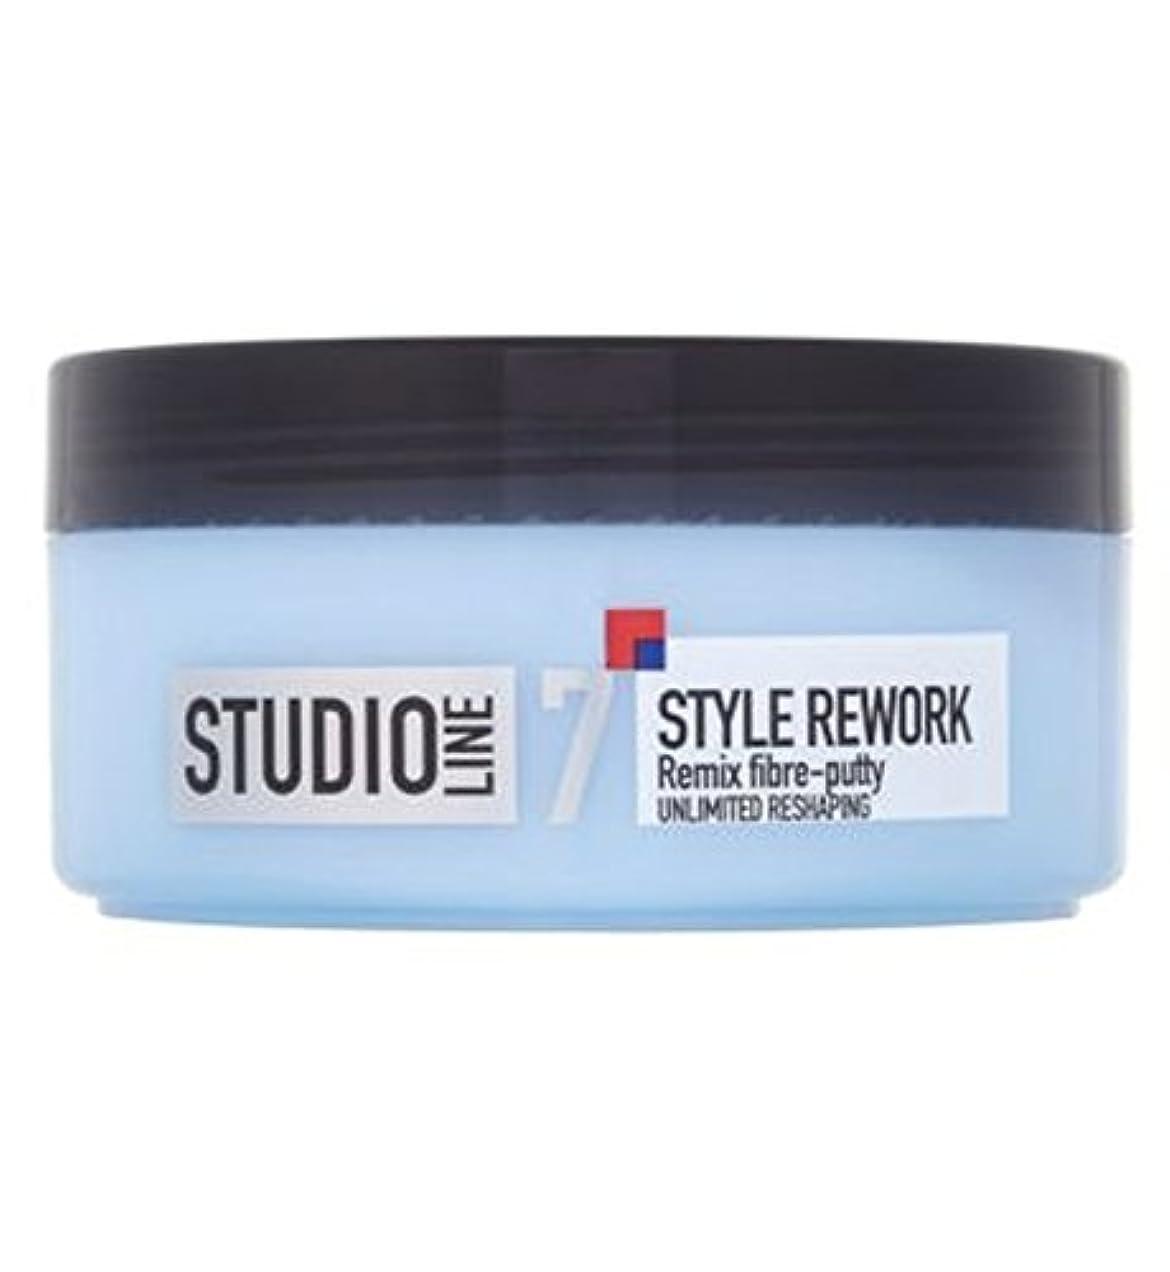 縫い目妨げるグリーンバックL'Oreall Studio Line Style Rework Remix Fibre-Putty 150ml - L'Oreallスタジオラインスタイルリワークリミックス繊維パテ150ミリリットル (L'Oreal...